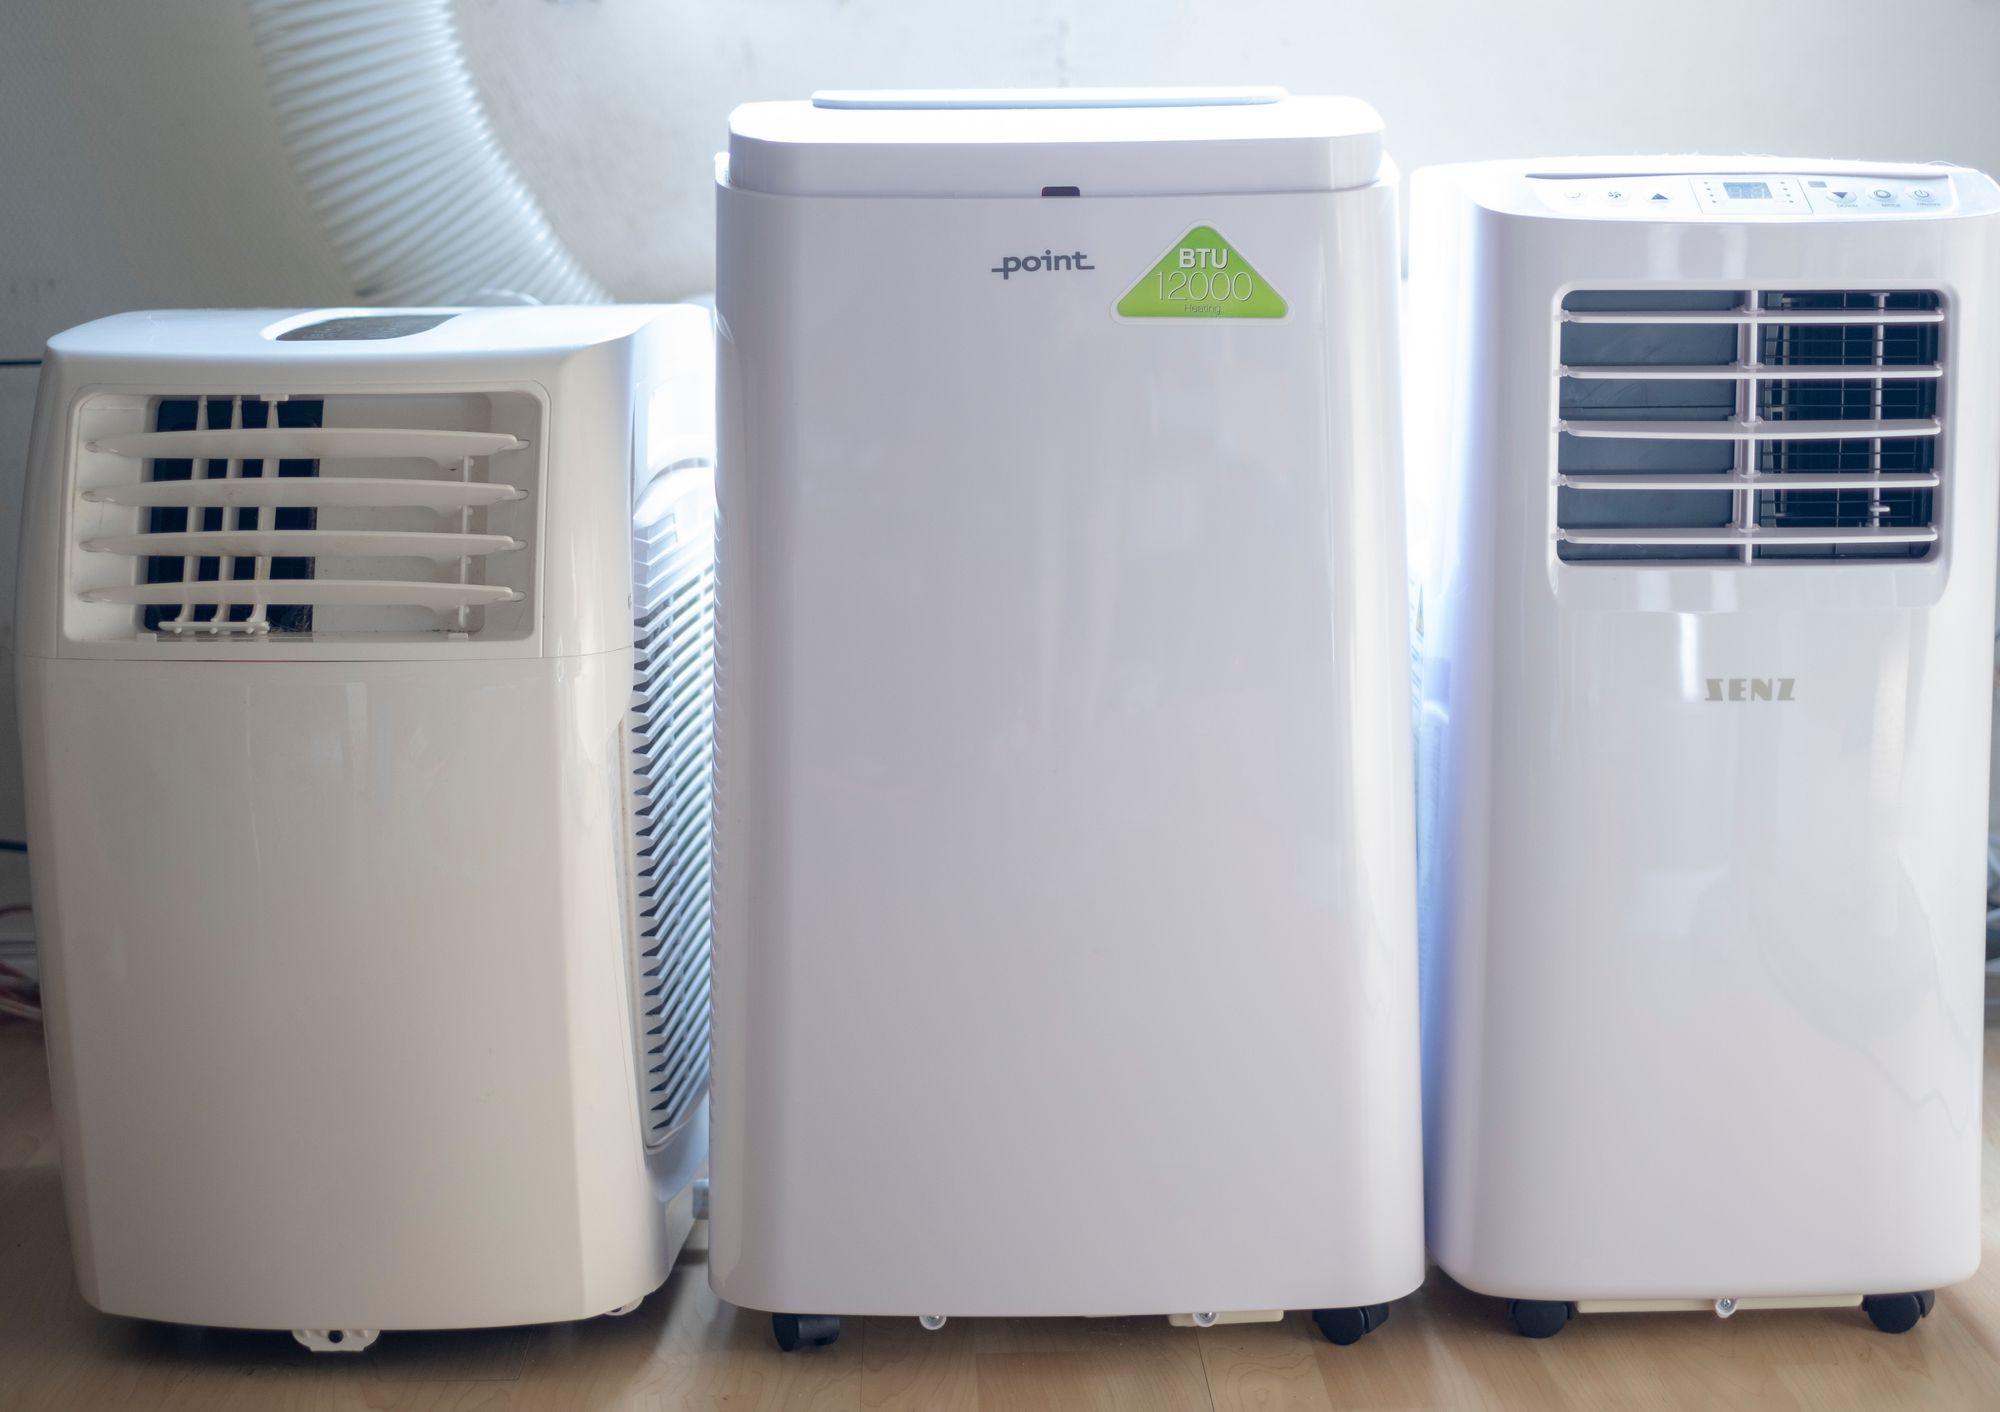 frittstående aircondition